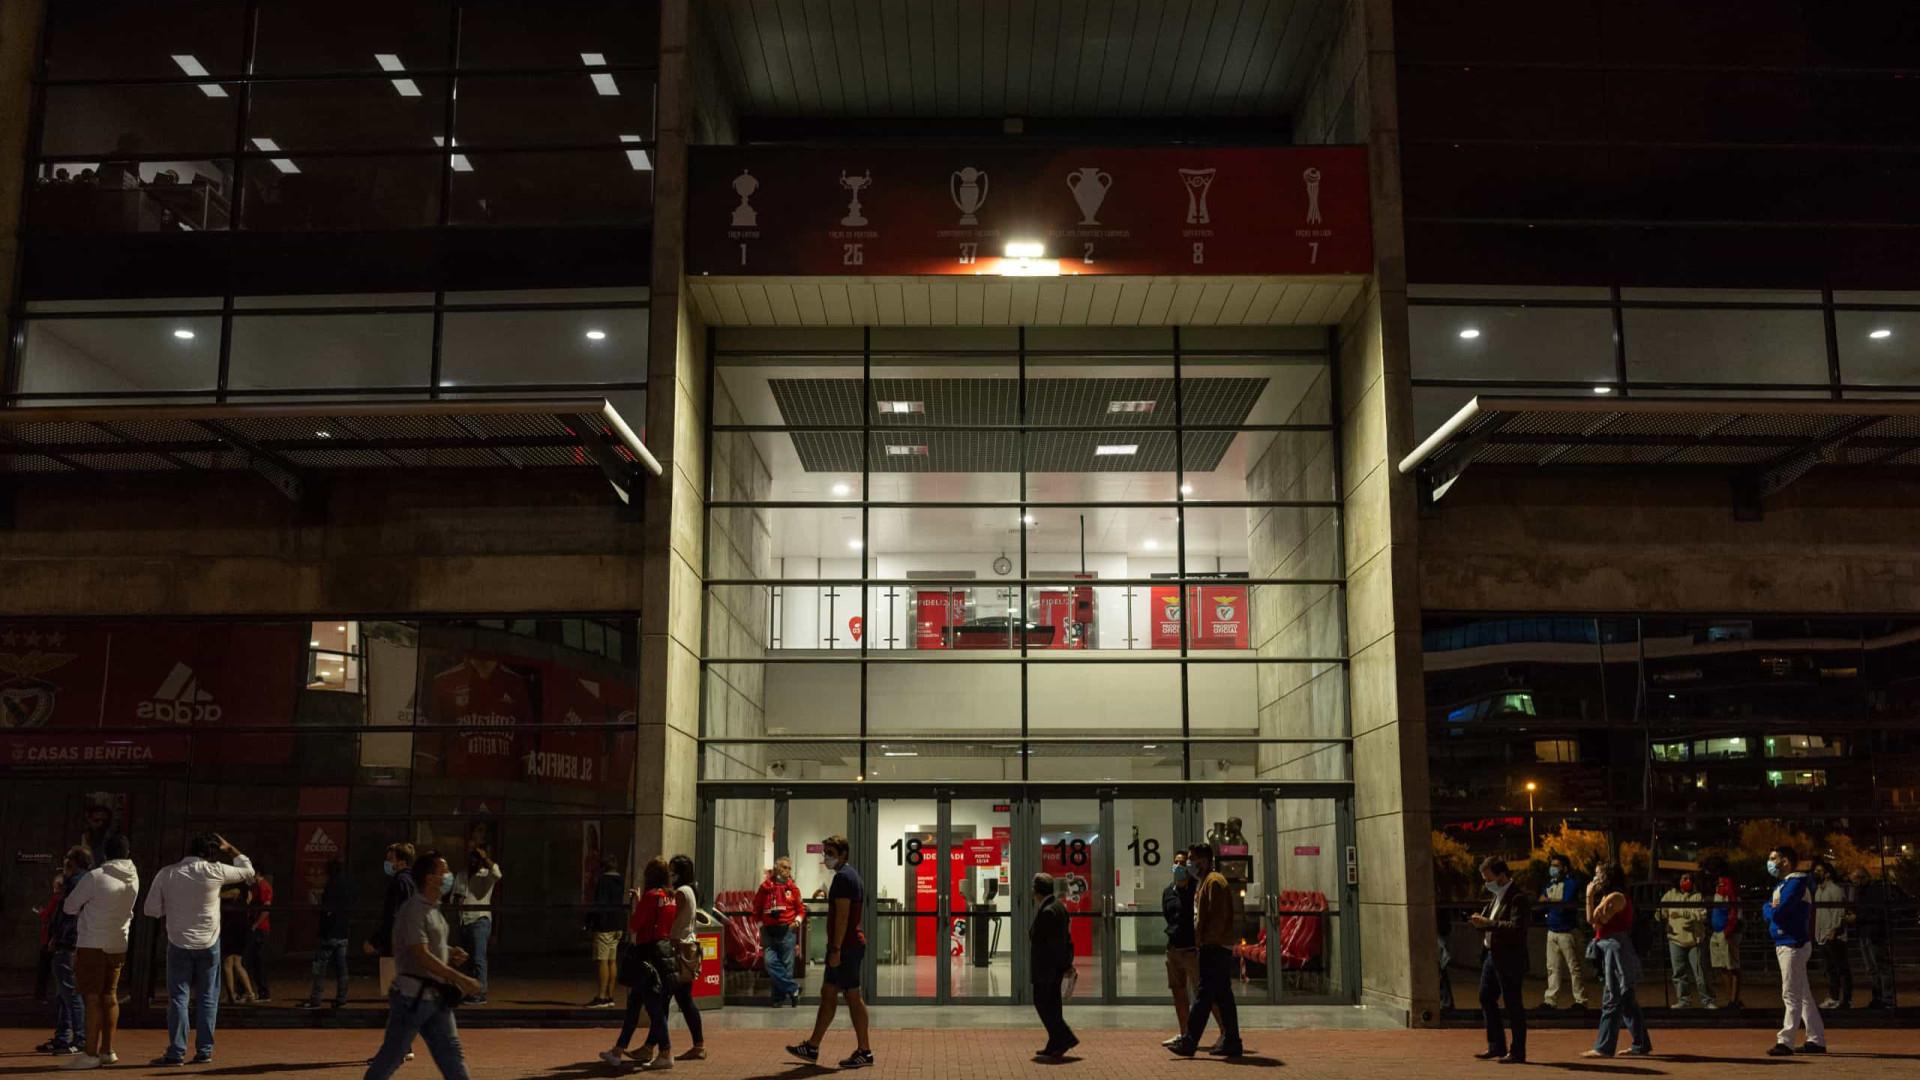 Sócios do Benfica avançam para auditoria às eleições de 2020